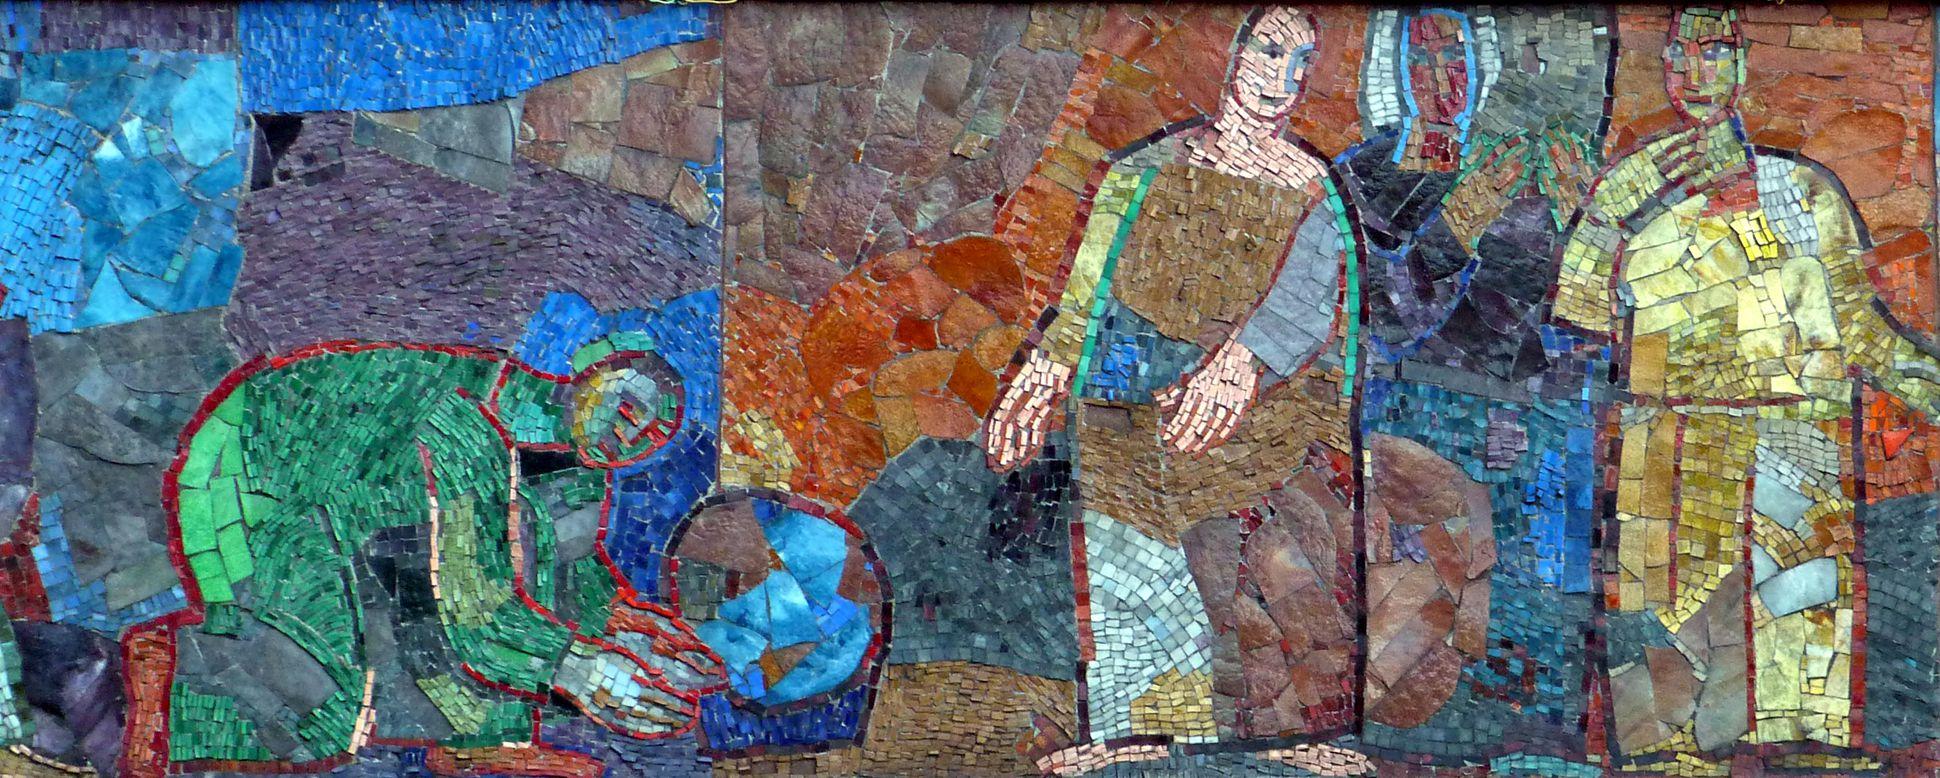 Mosaik am Hauptmarkt in Nürnberg Warenanbieter und Warenabnehmer